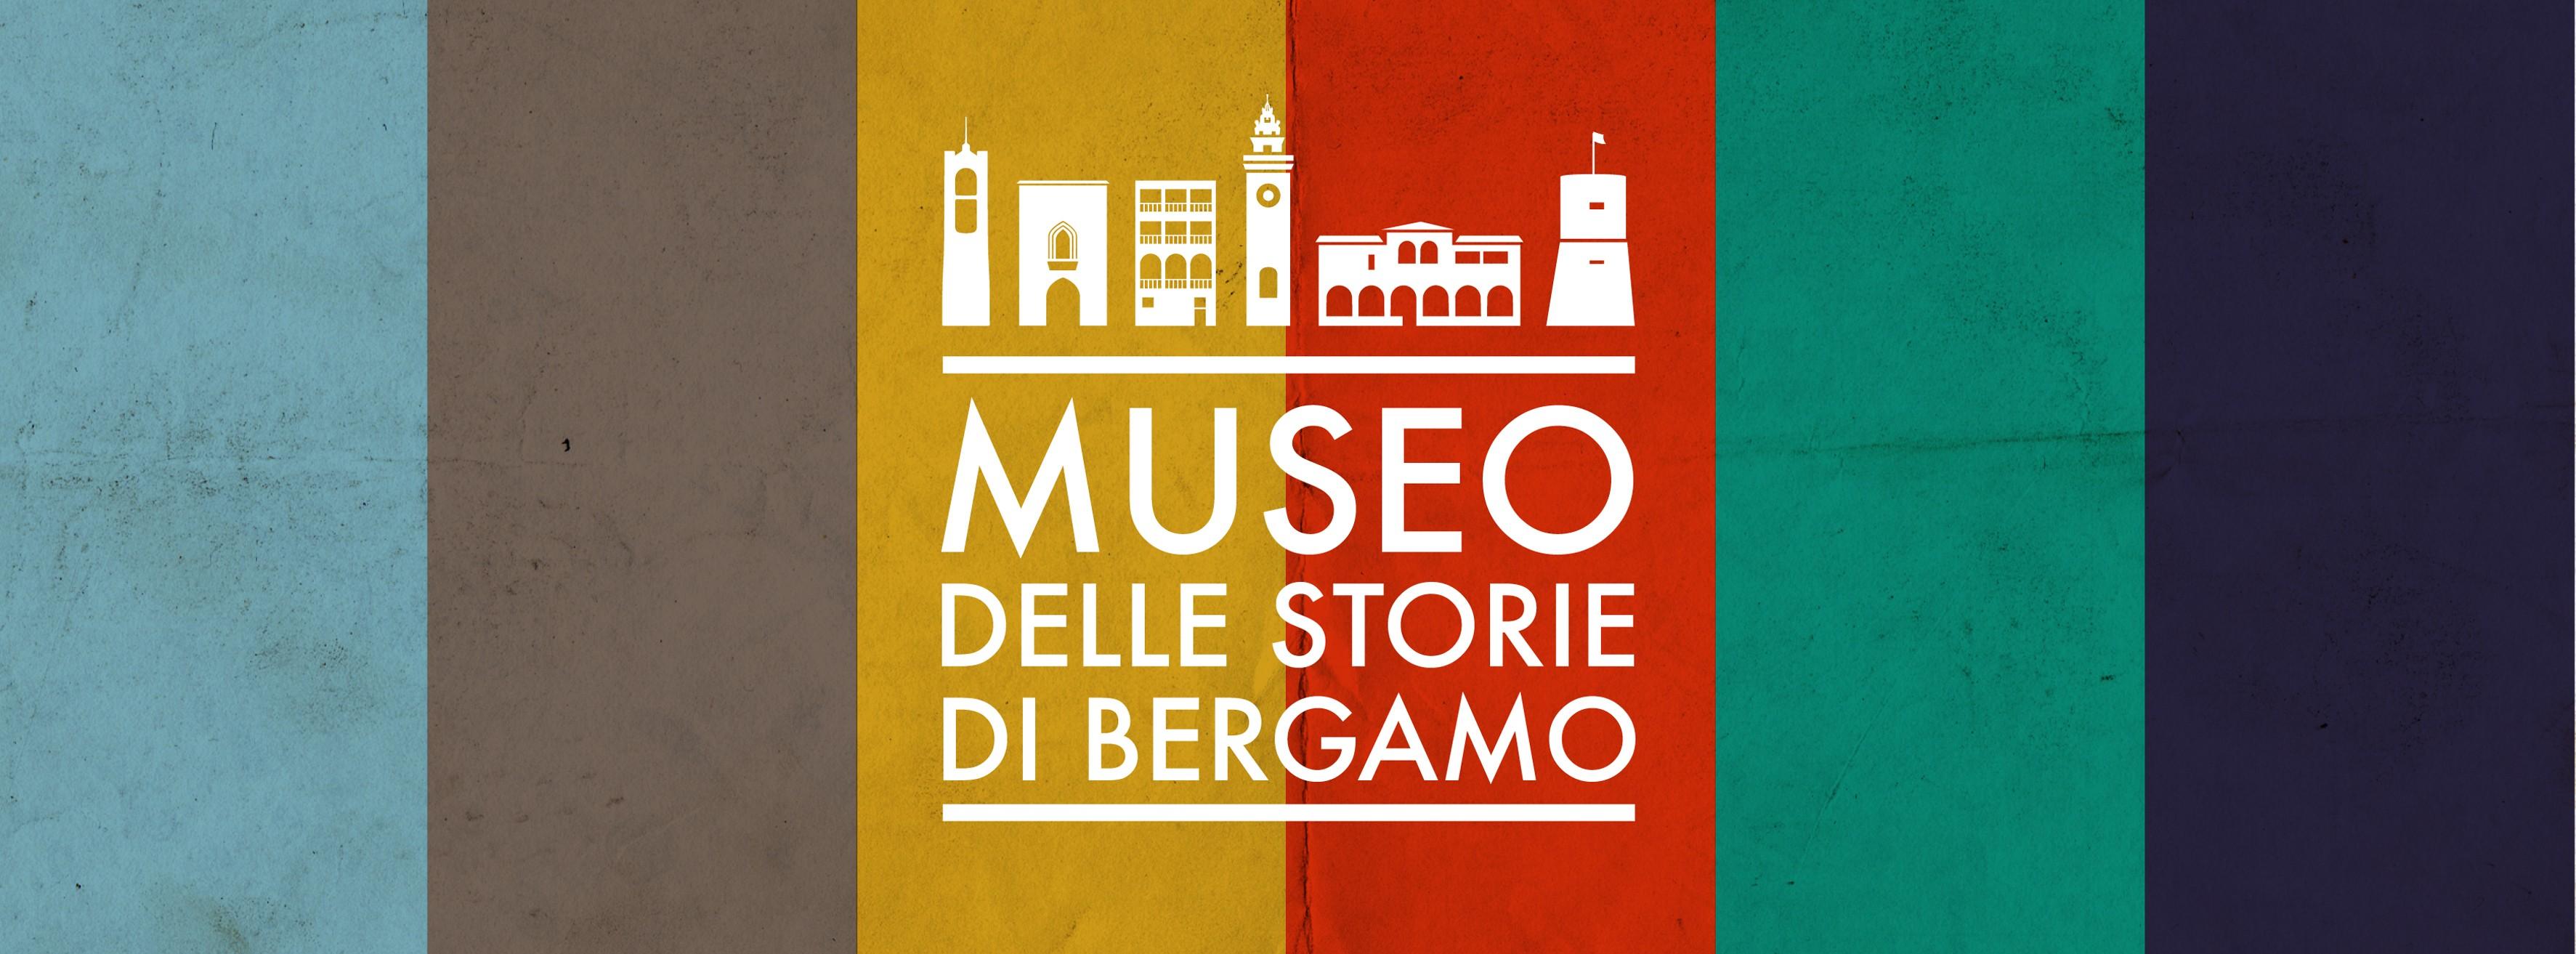 Offerte Lavoro Fotografo Bergamo museo delle storie di bergamo | linkedin